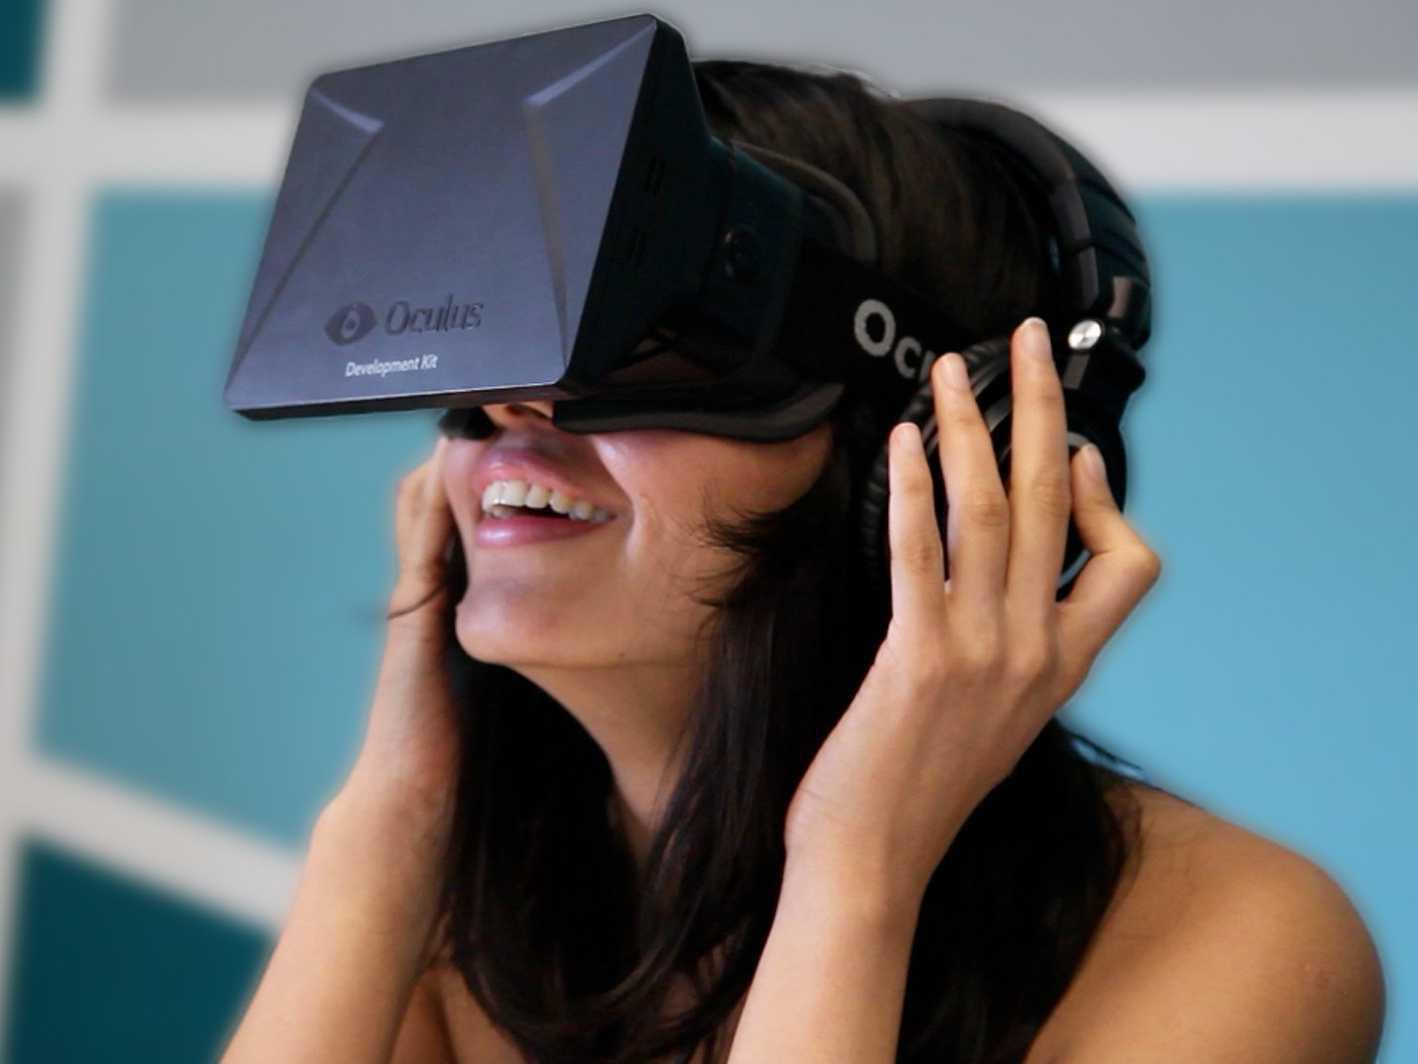 prezzo oculus rift